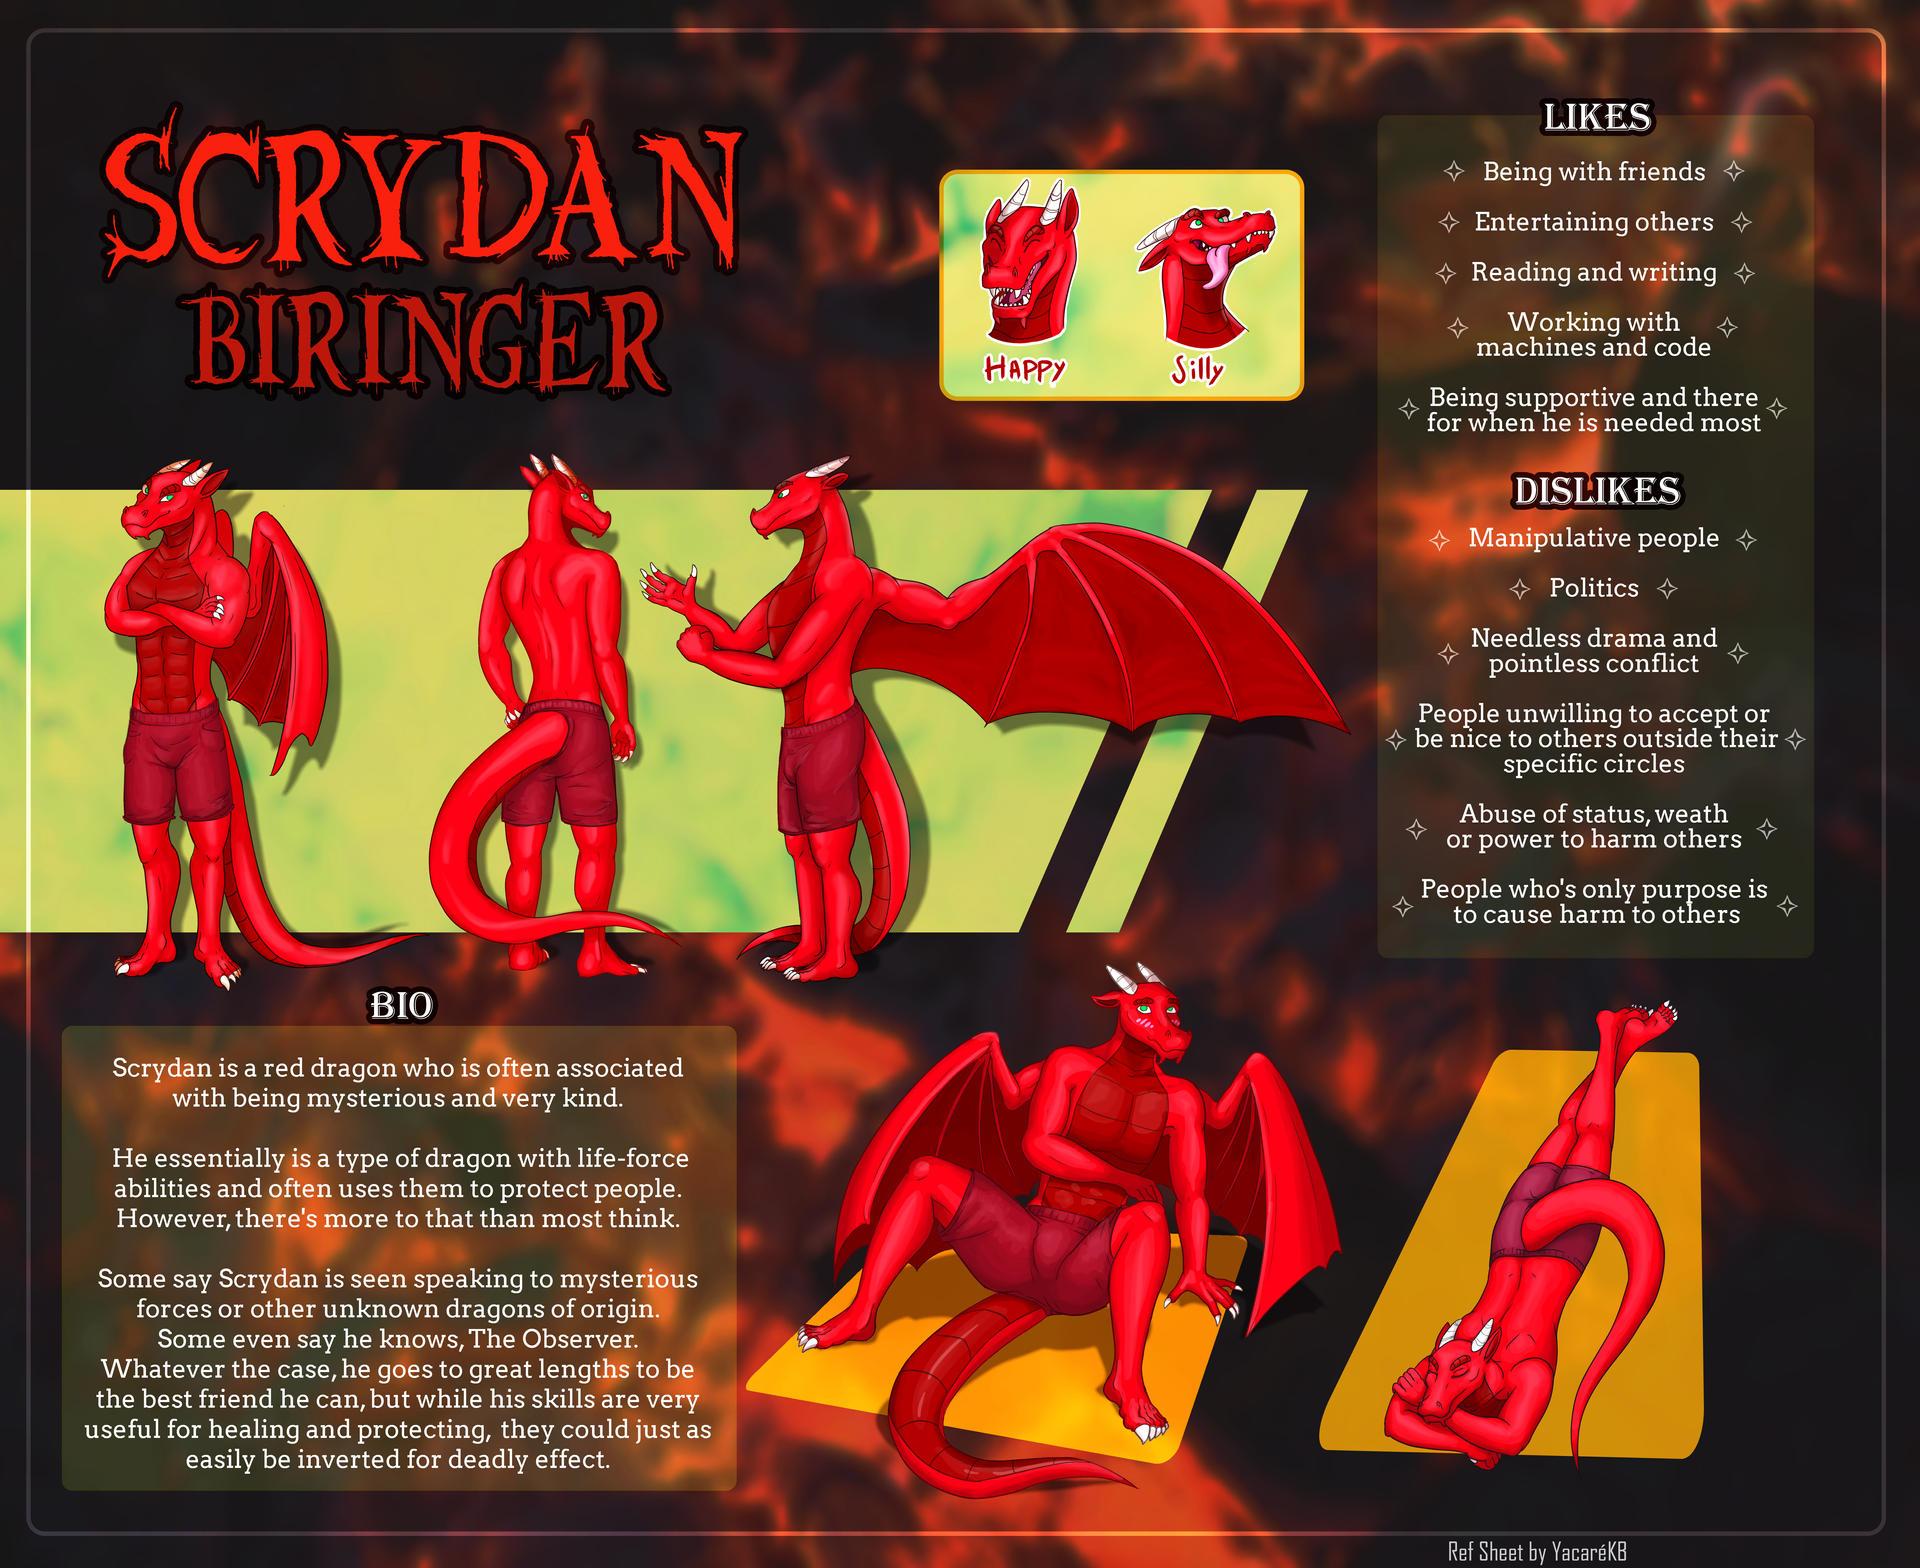 scrydan_biringer___ref_sheet_by_yacarekb_ddetwpp-fullview.jpg